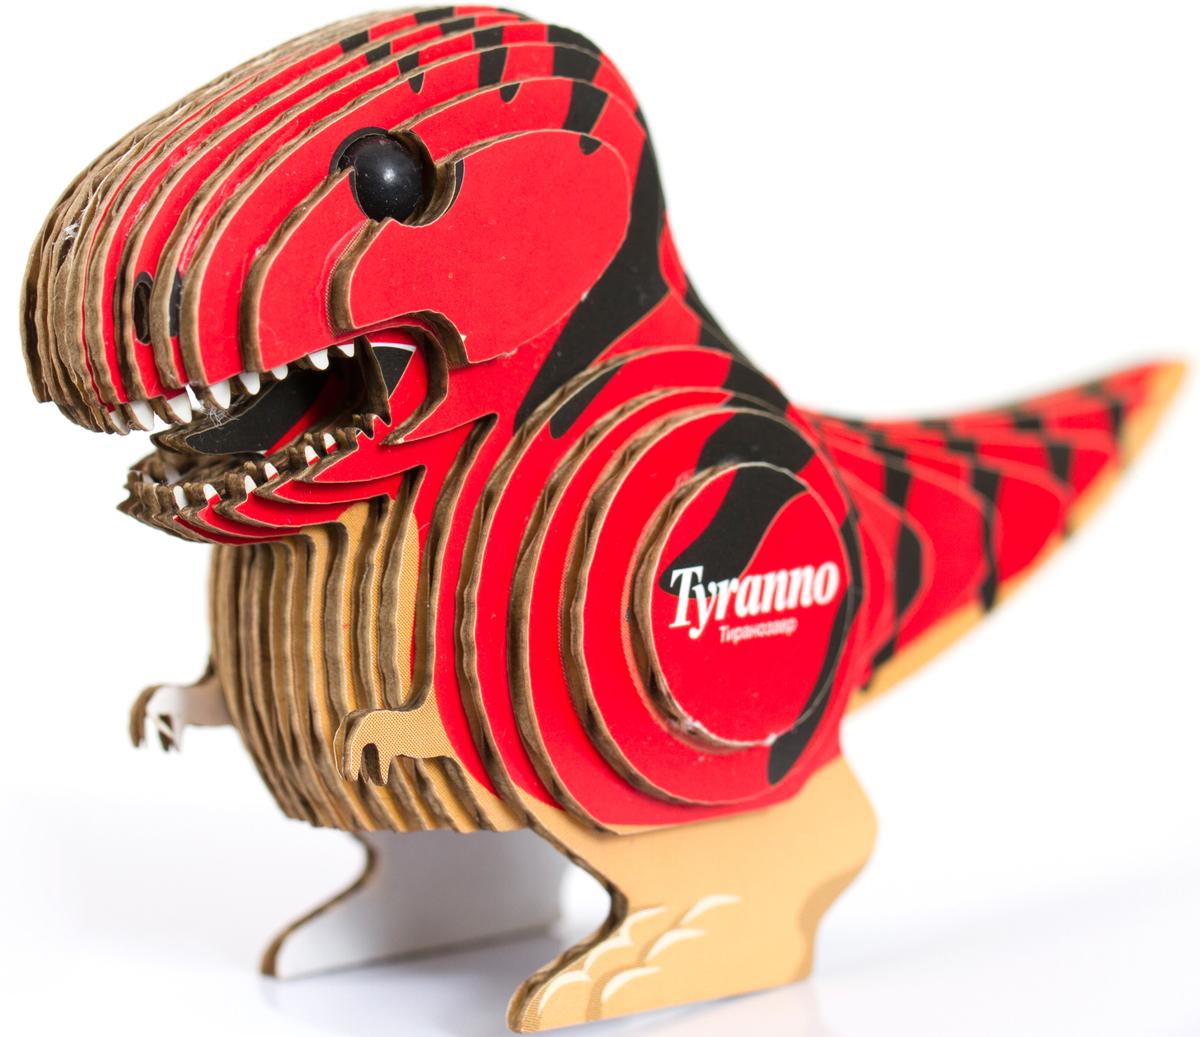 Pandapuzzle 3D Пазл Тираннозавр коллекционная трехмерная модель